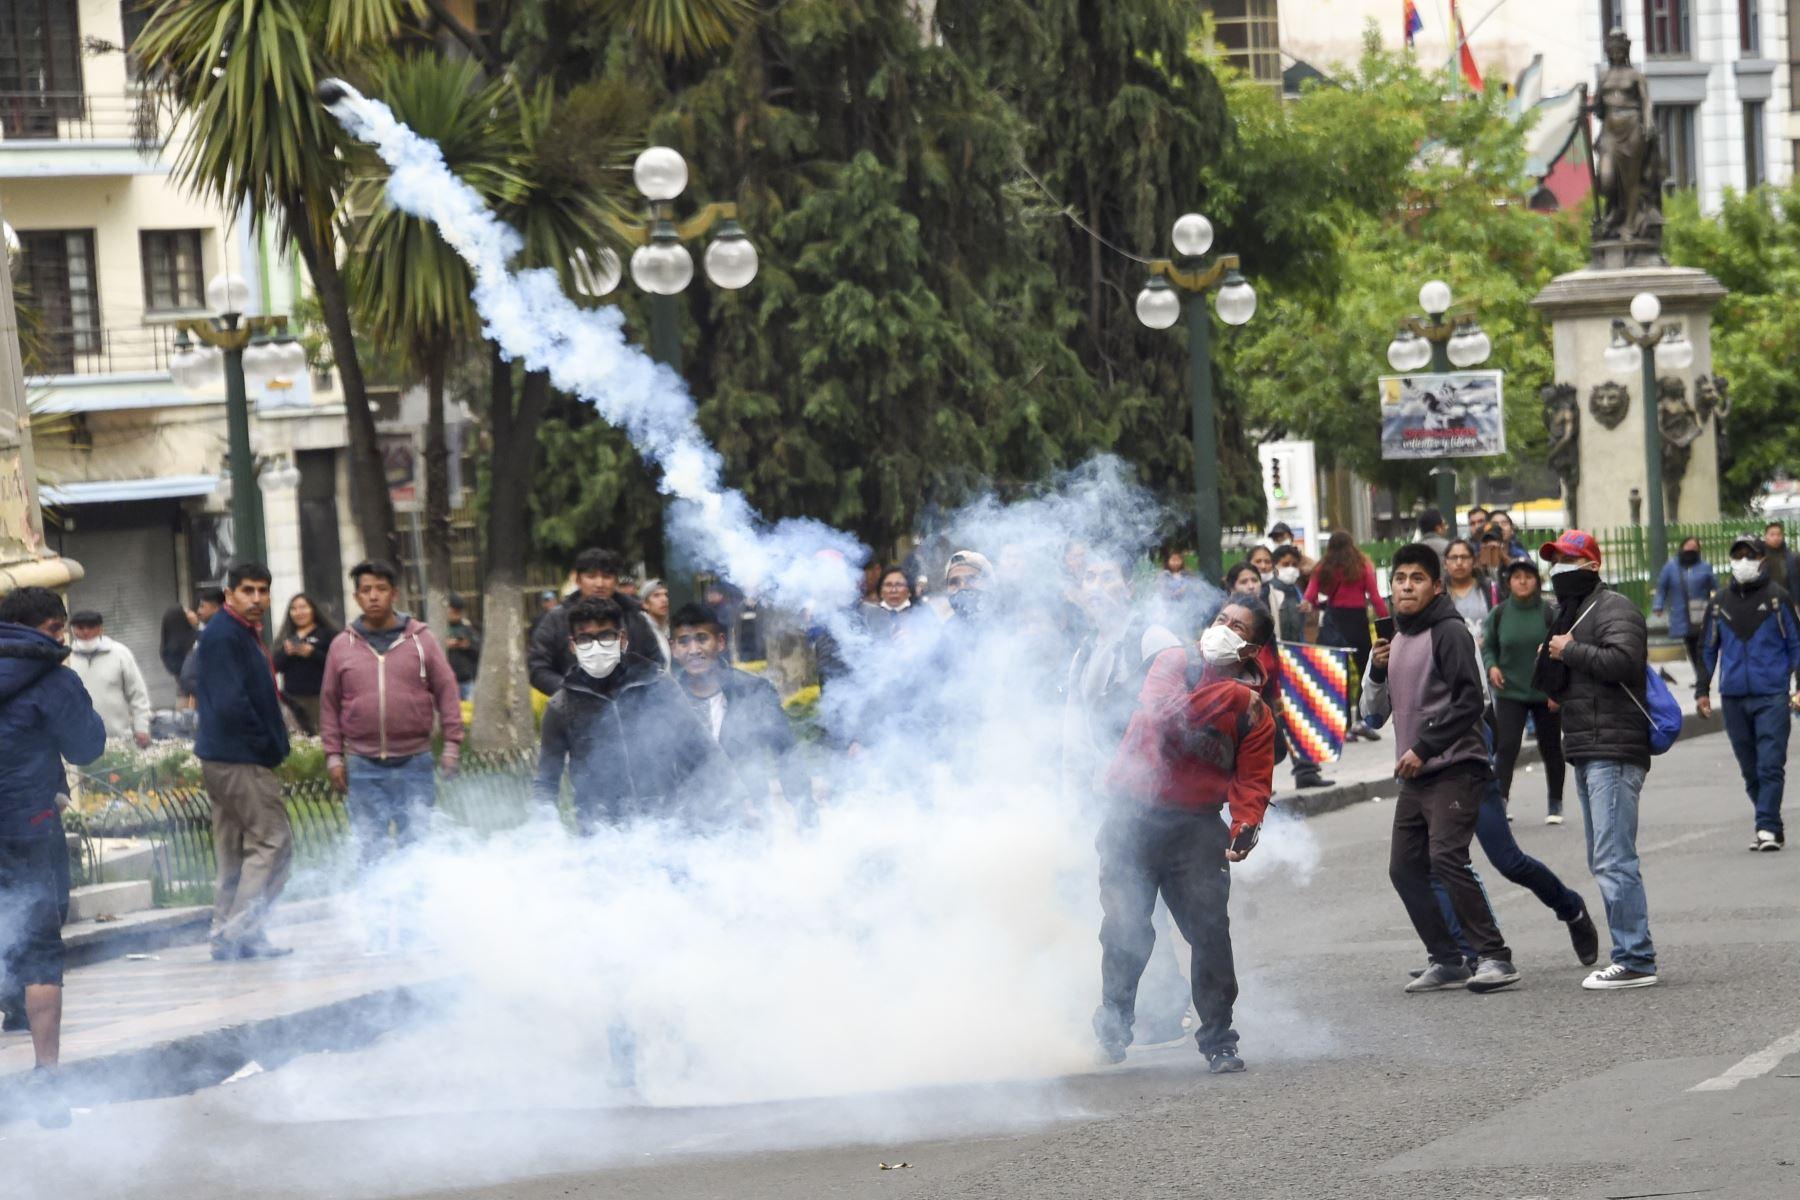 Los partidarios del ex presidente boliviano Evo Morales se enfrentan con la policía antidisturbios durante una protesta en La Paz. Foto: AFP